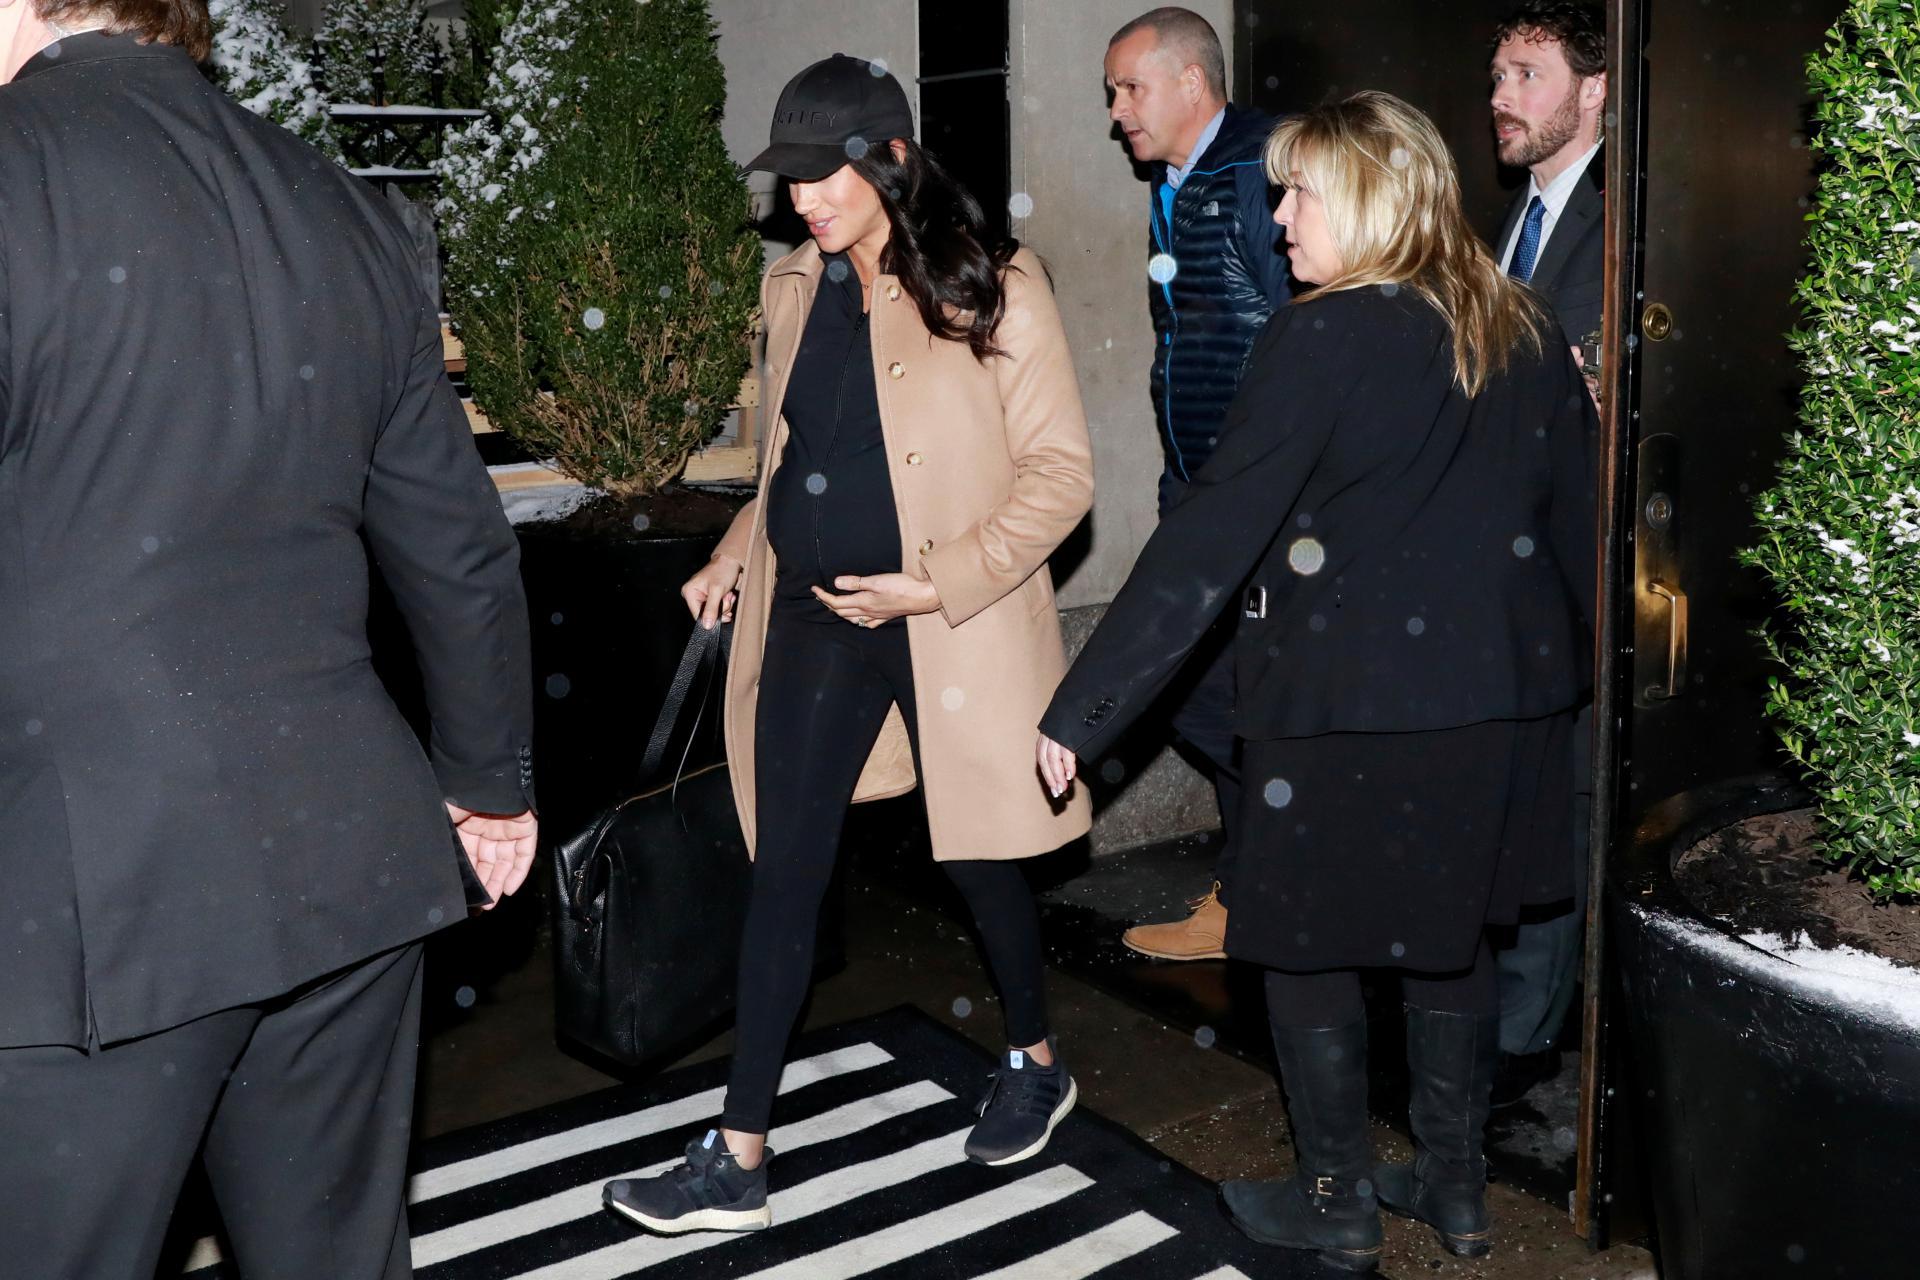 Vojvotkinja Megan izlazi iz hotela 'Mark' u New Yorku